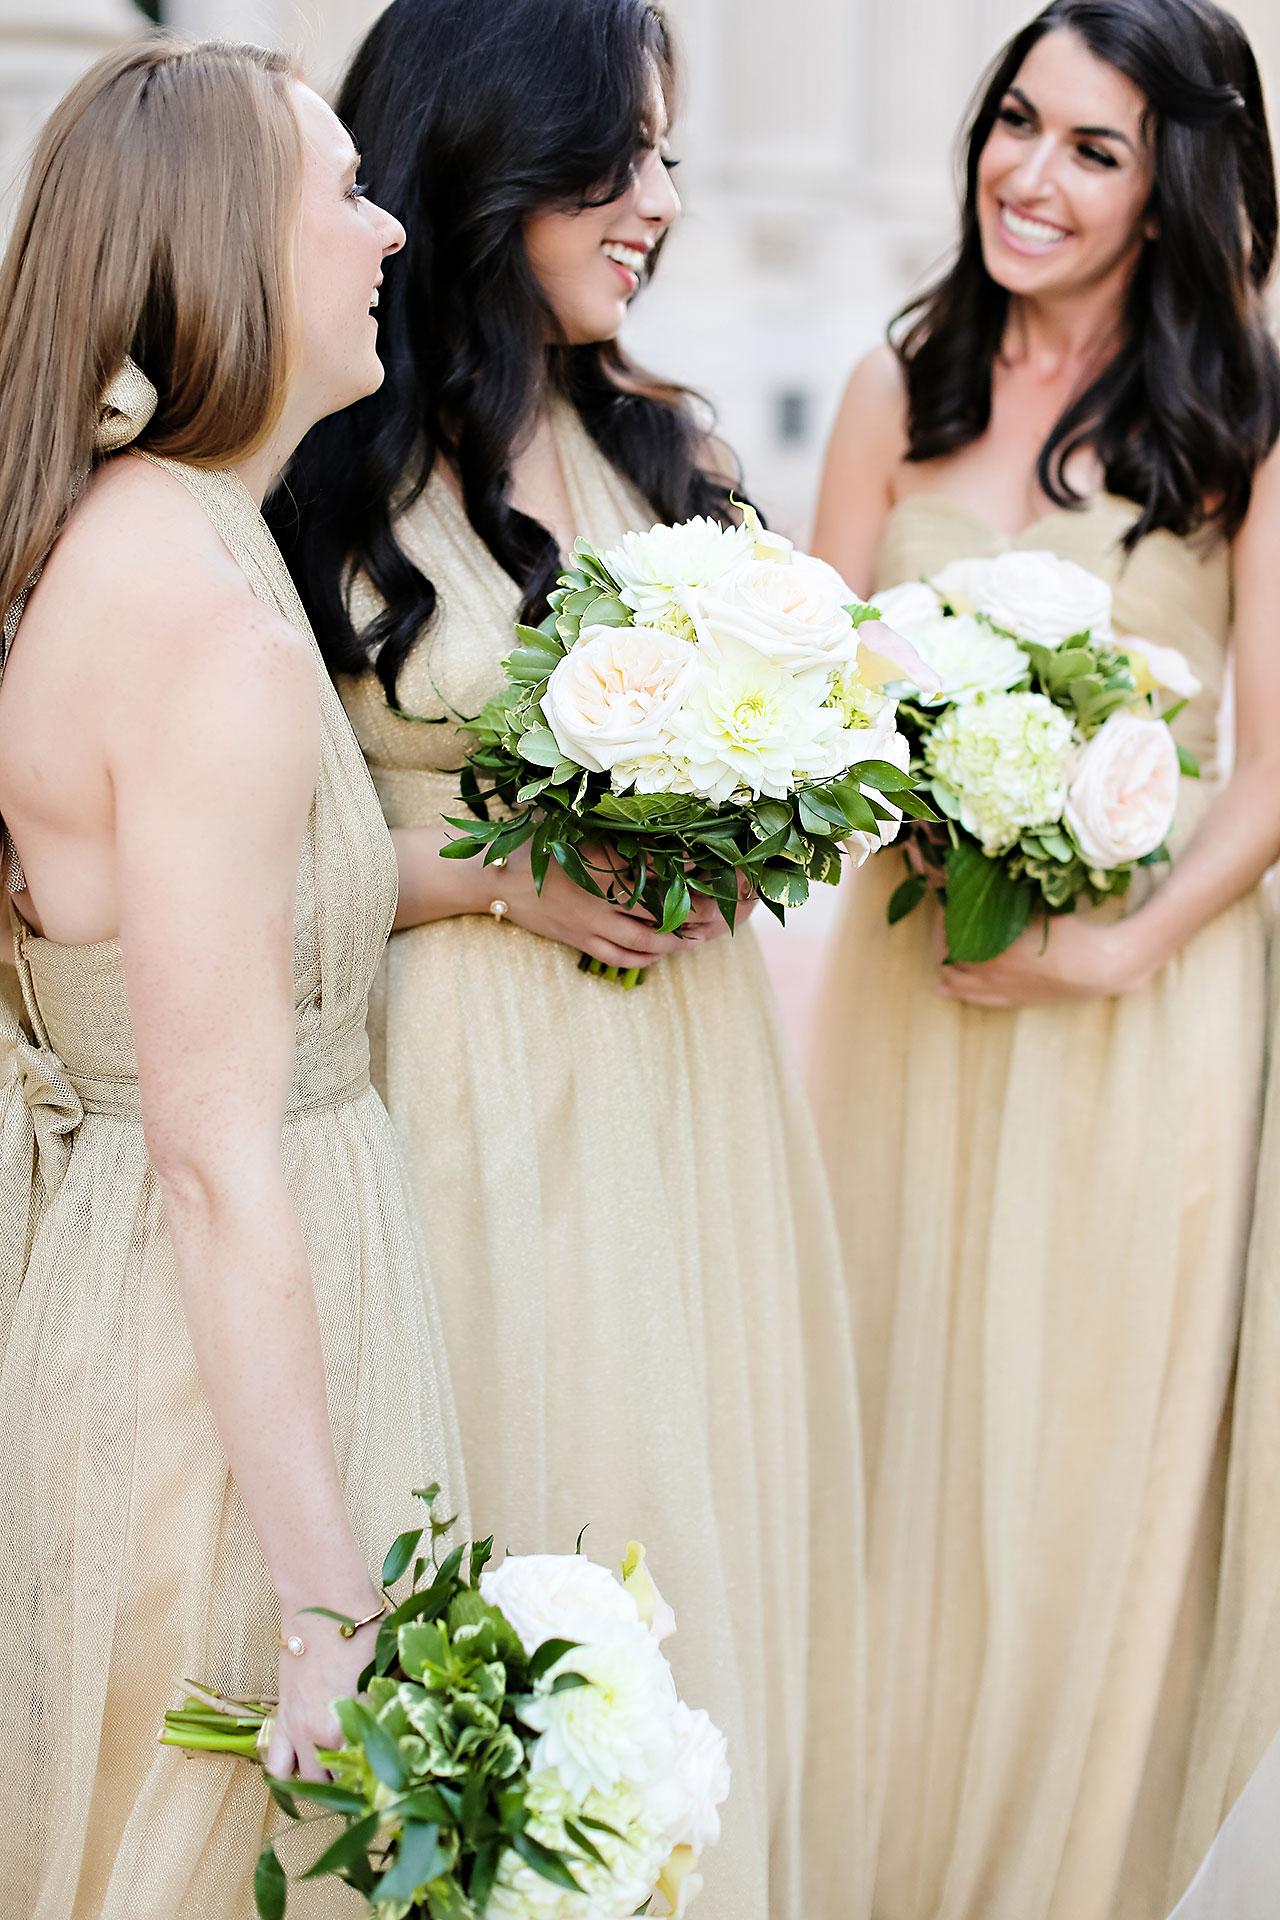 Joie Nikhil Indianapolis Christian Wedding 146